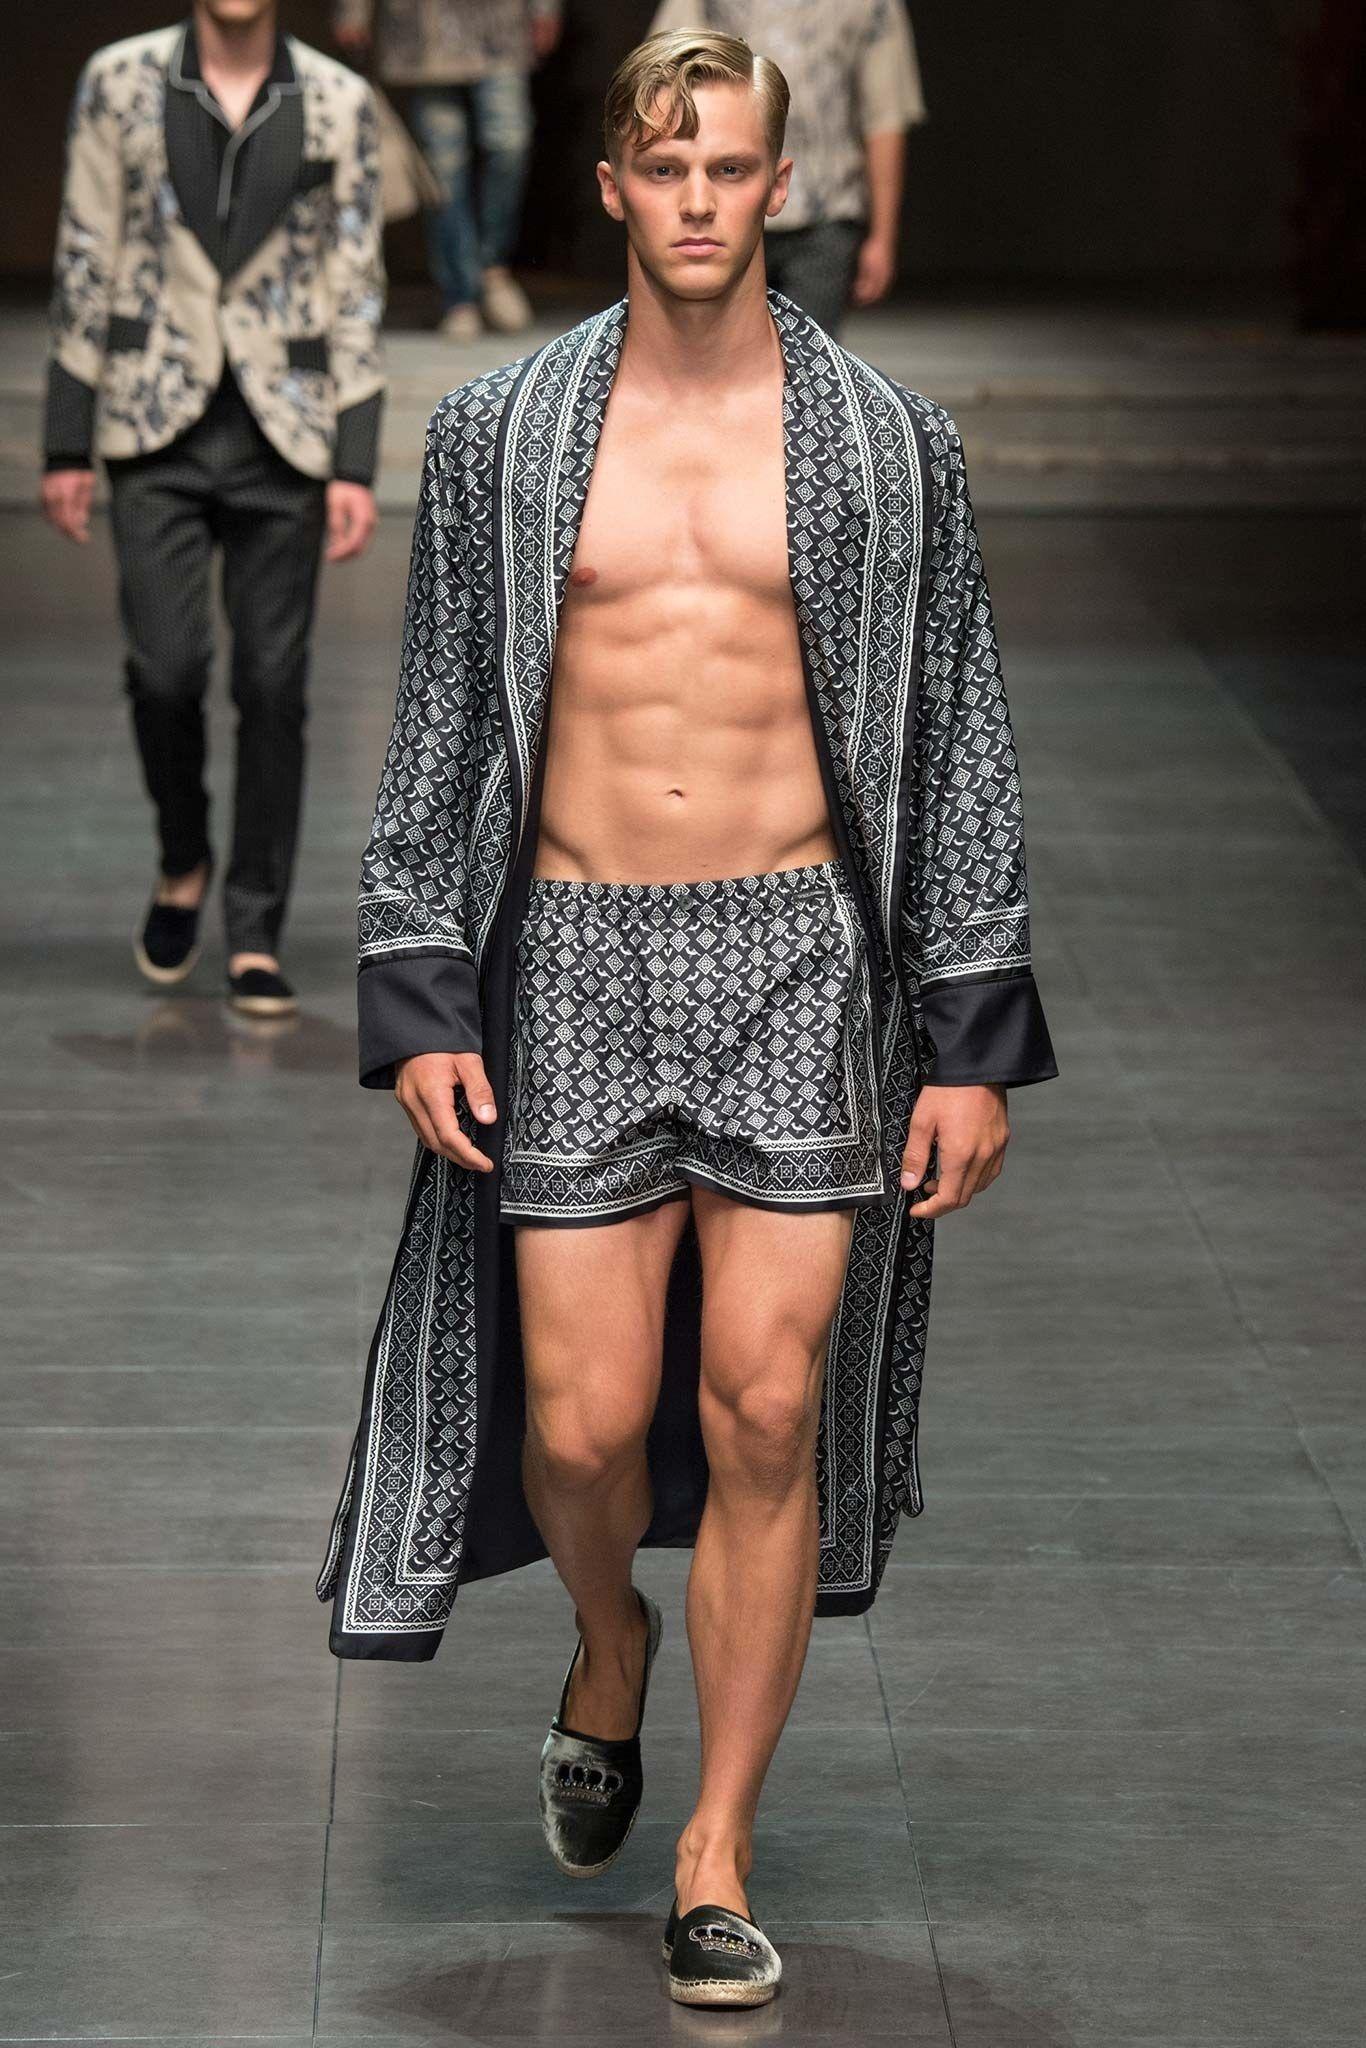 Dolce & Gabbana Défilé de mode homme printemps 2016   – Outfits